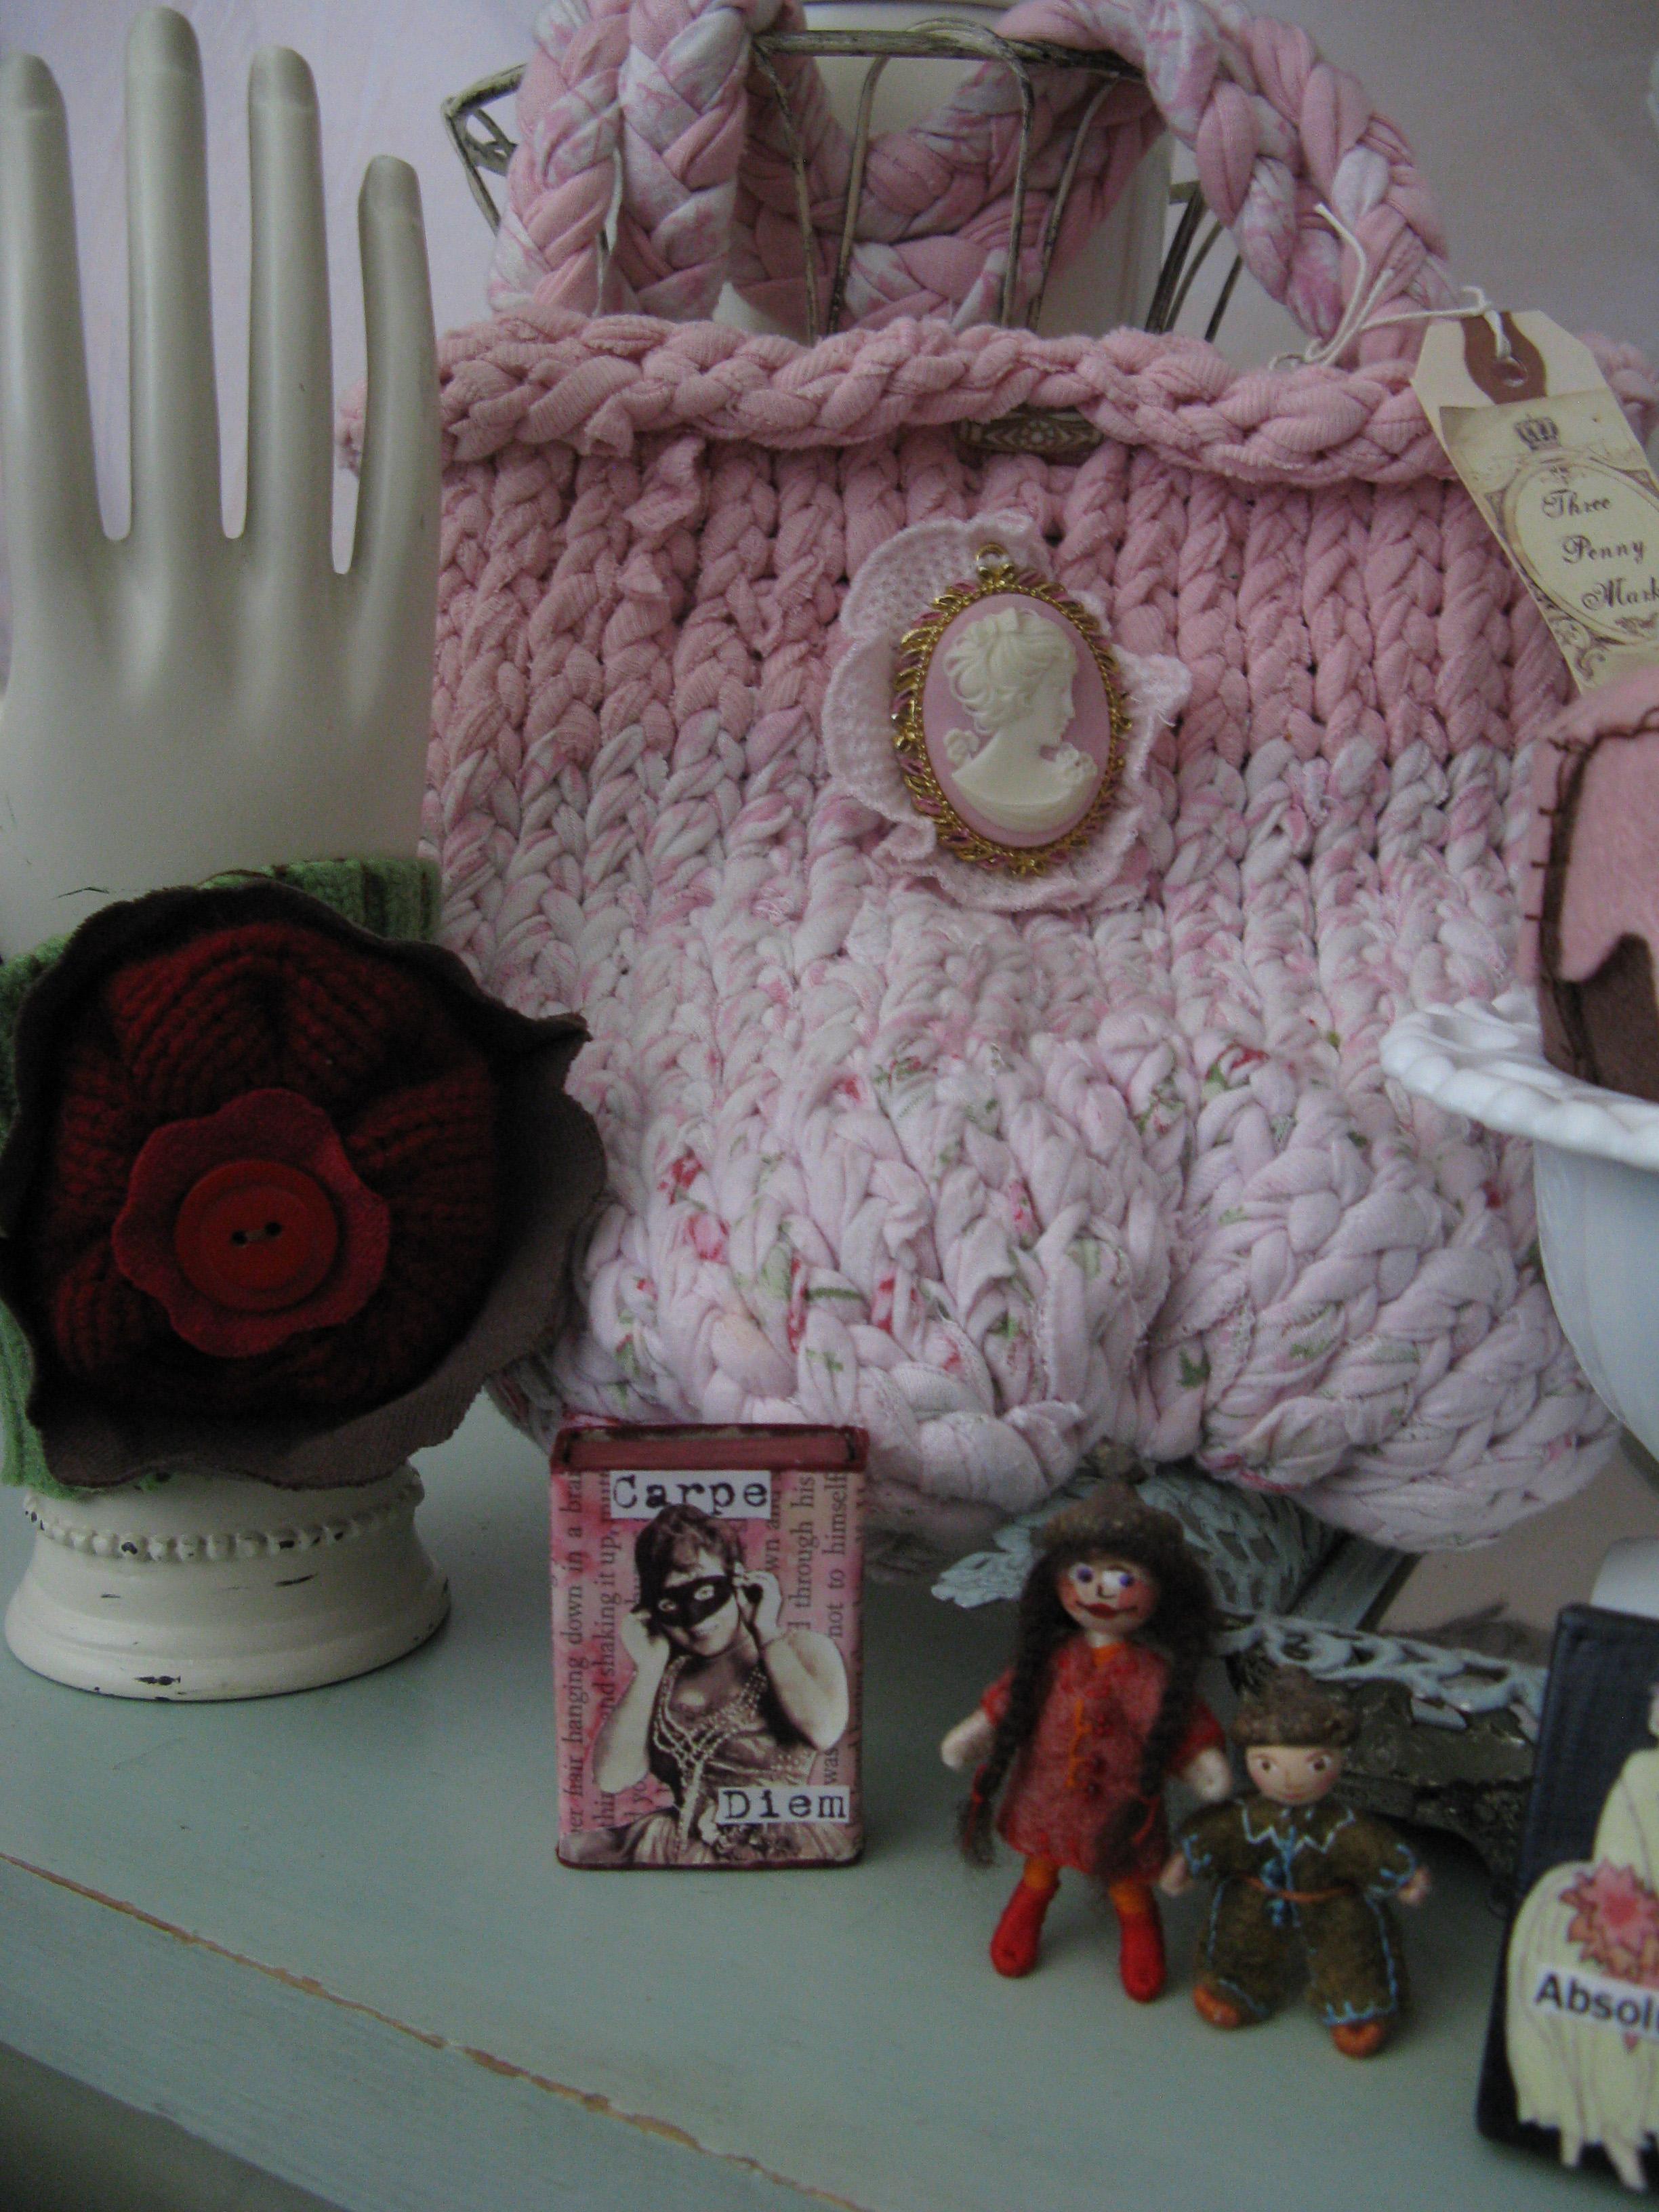 Cuff bracelet knit handbag shrine wee folk detail